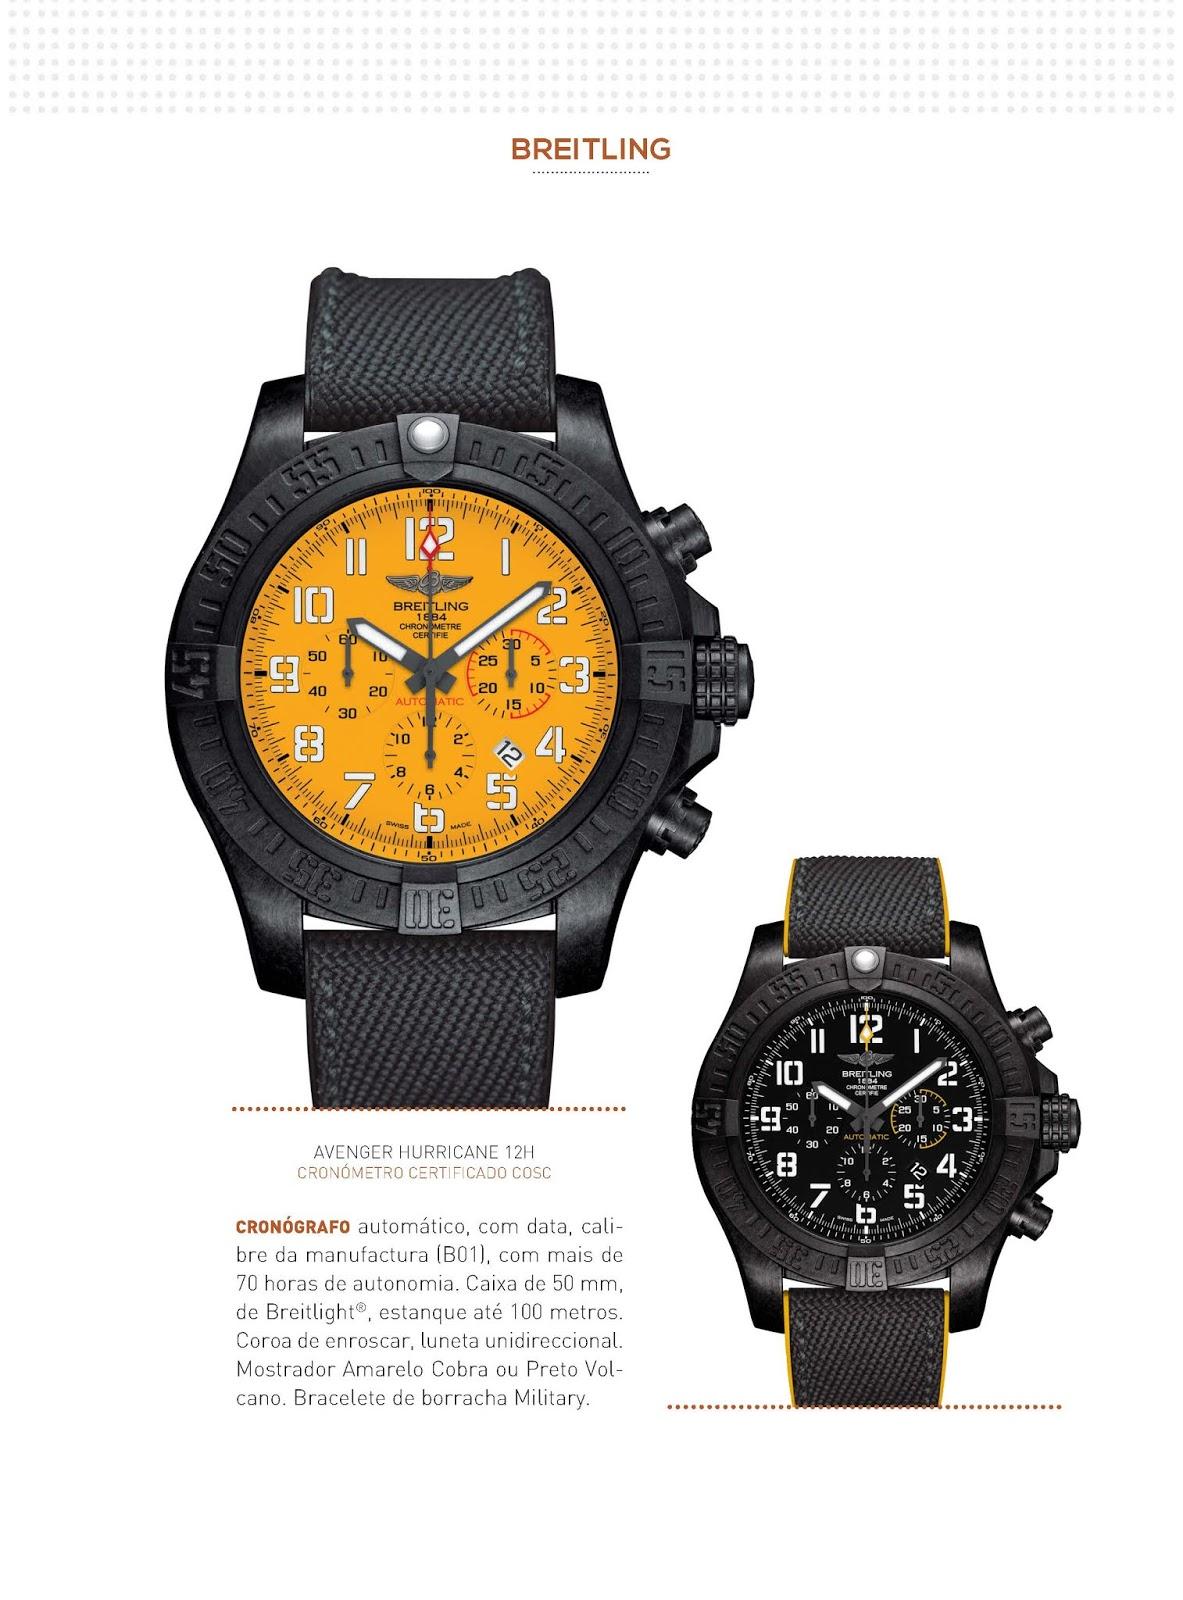 eb3b9da3850 Estação Cronográfica  Os relógios Breitling no Relógios   Canetas online